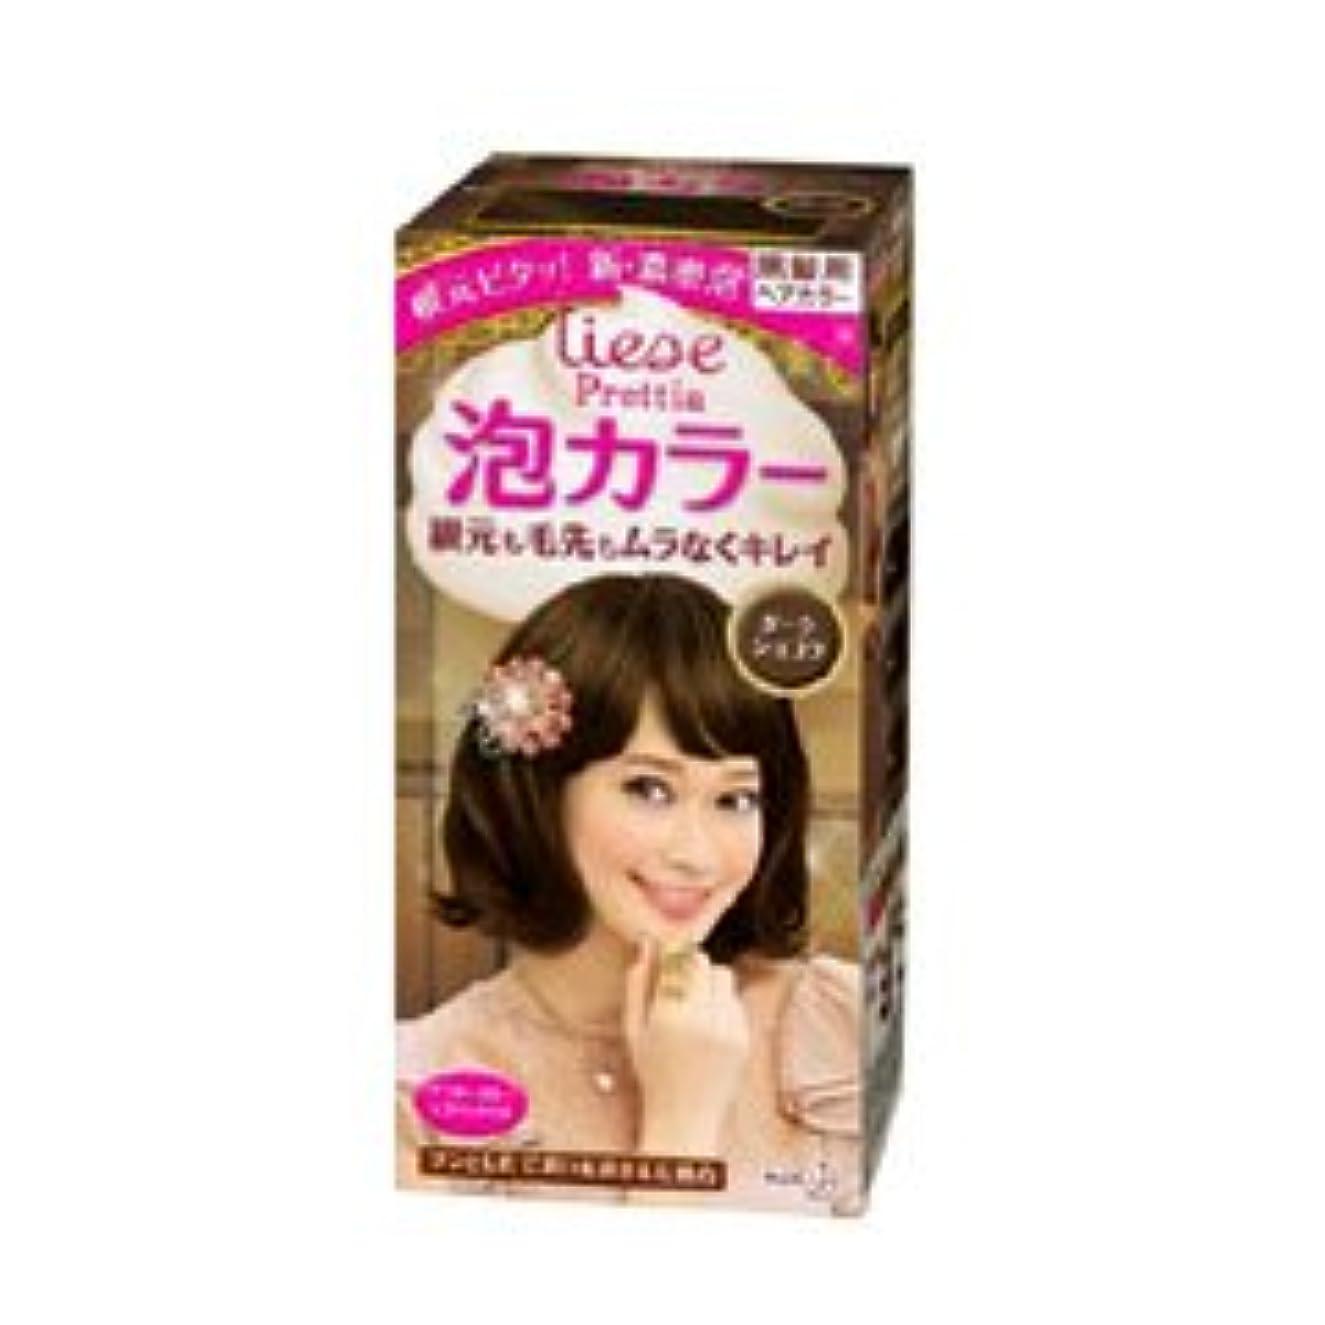 立派な掘る補足【花王】リーゼプリティア 泡カラー ダークショコラ